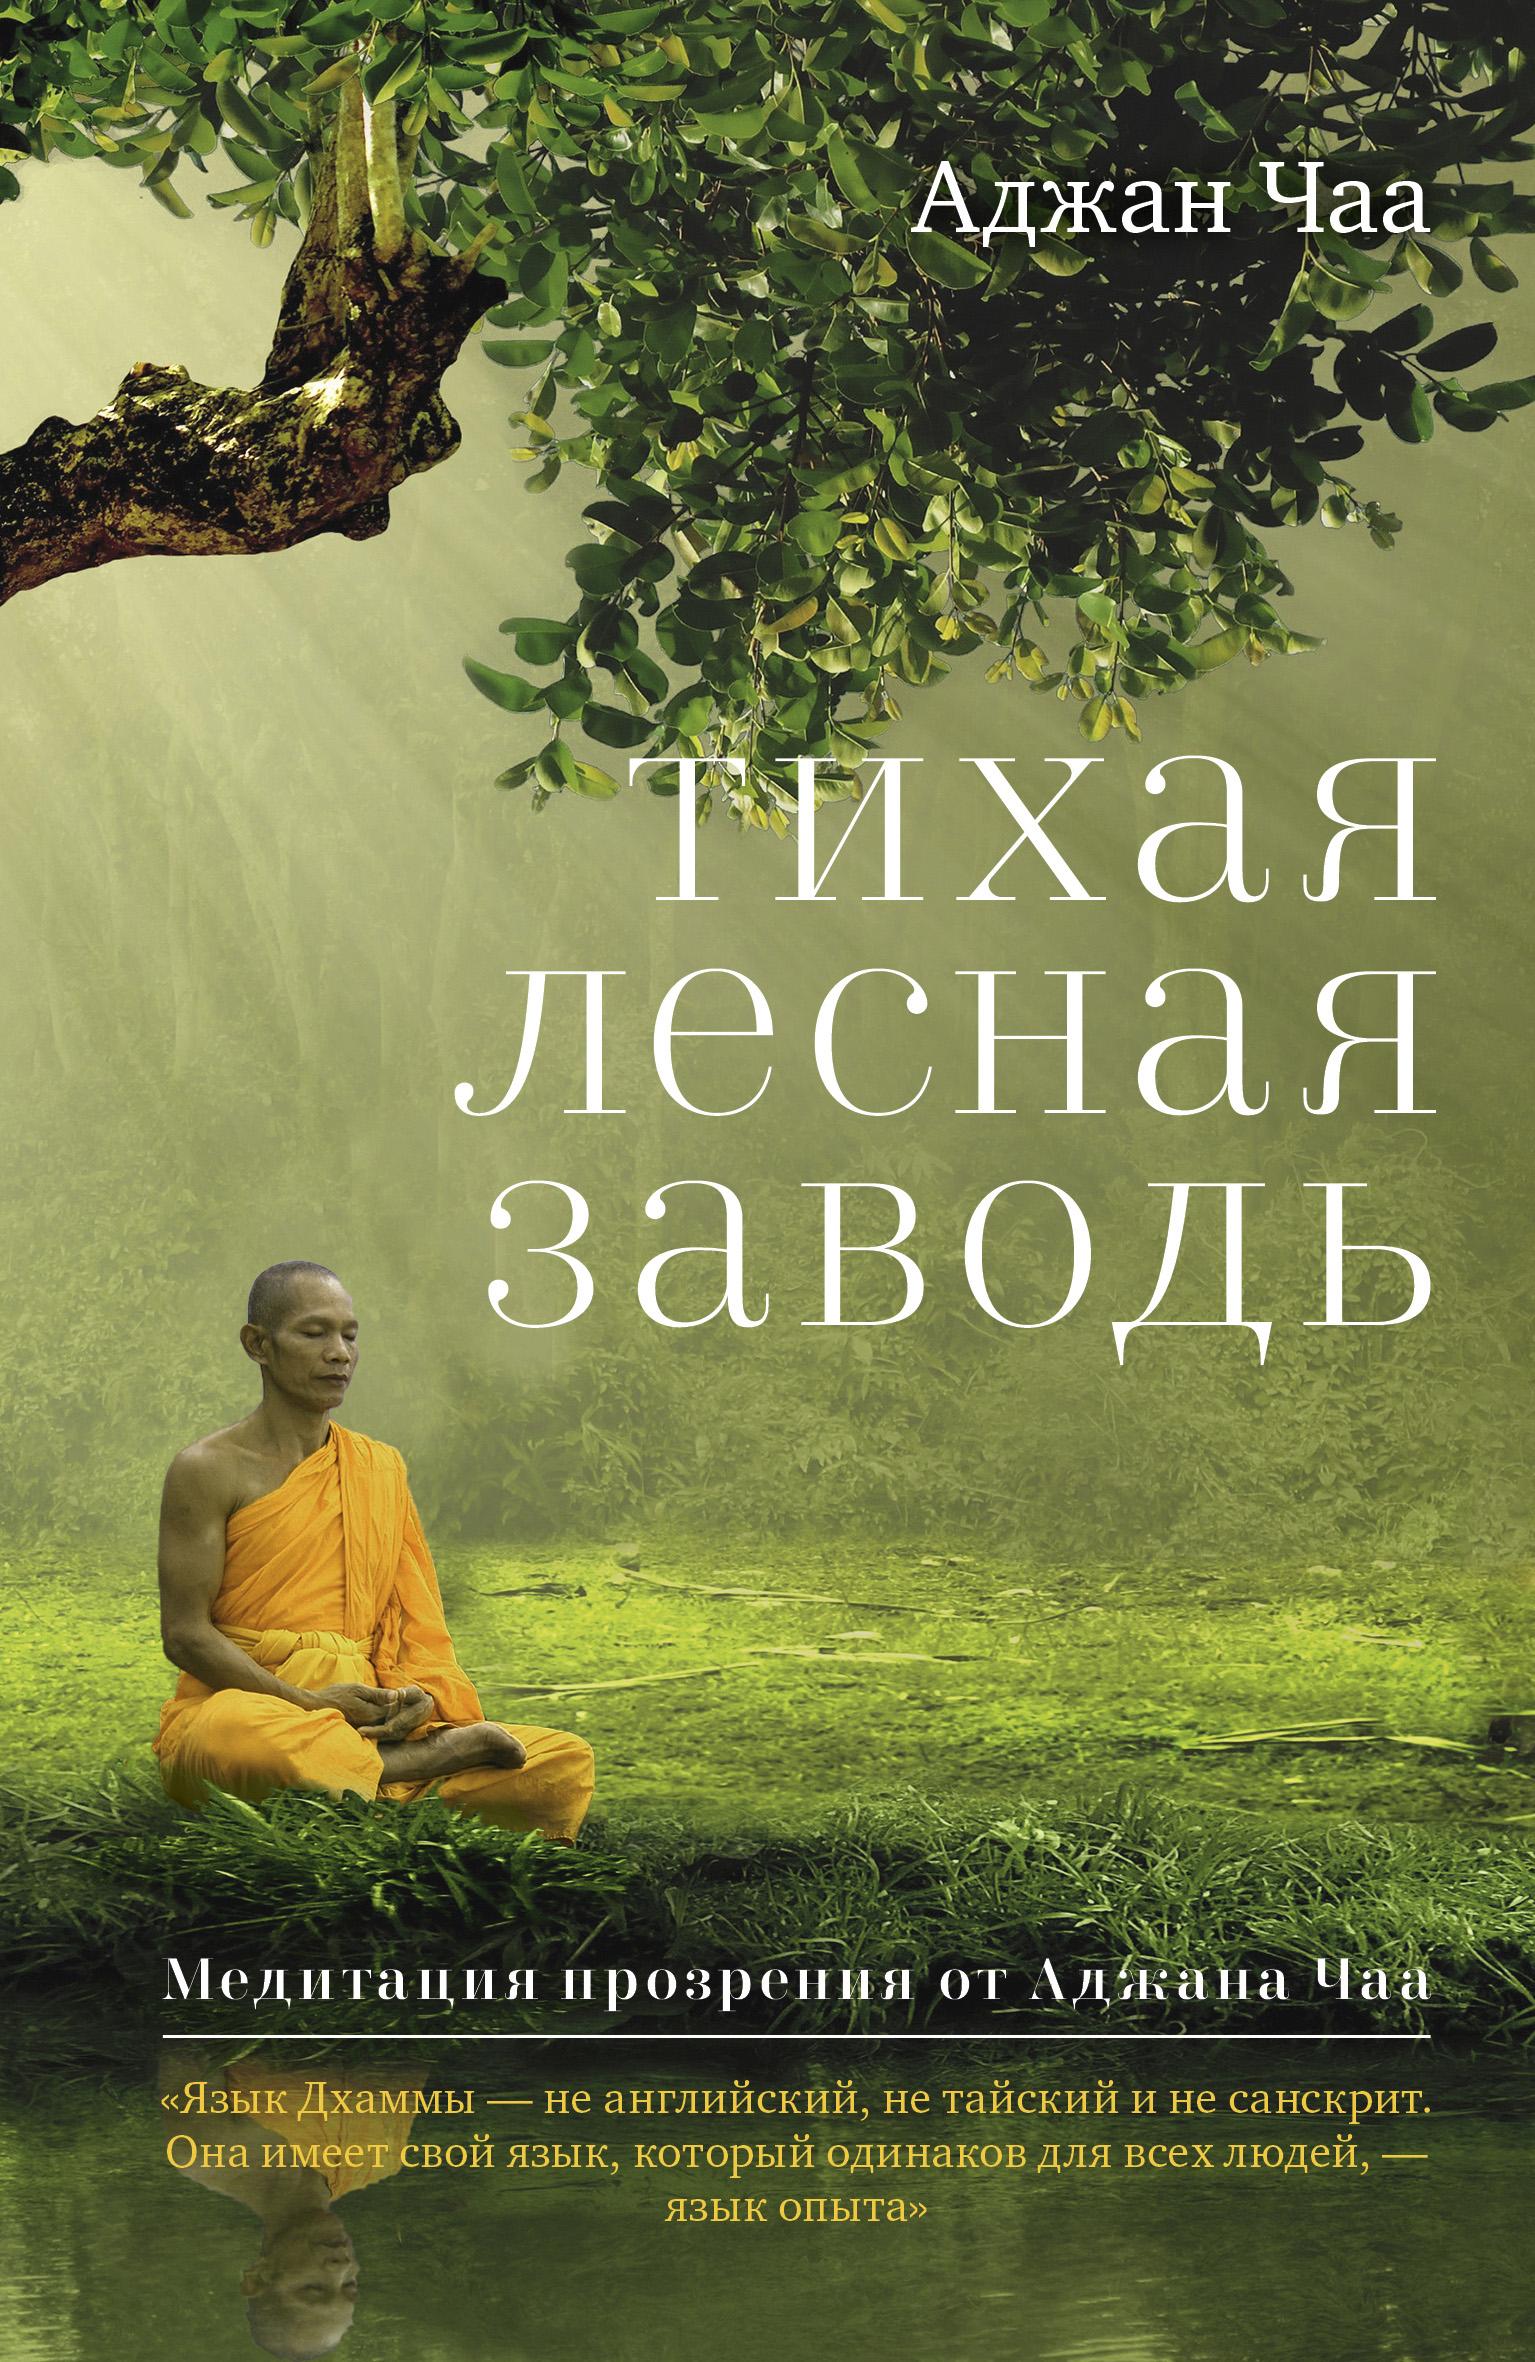 Аджан Чаа, Евгений Дулькин «Тихая лесная заводь. Медитация прозрения от Аджана Чаа»